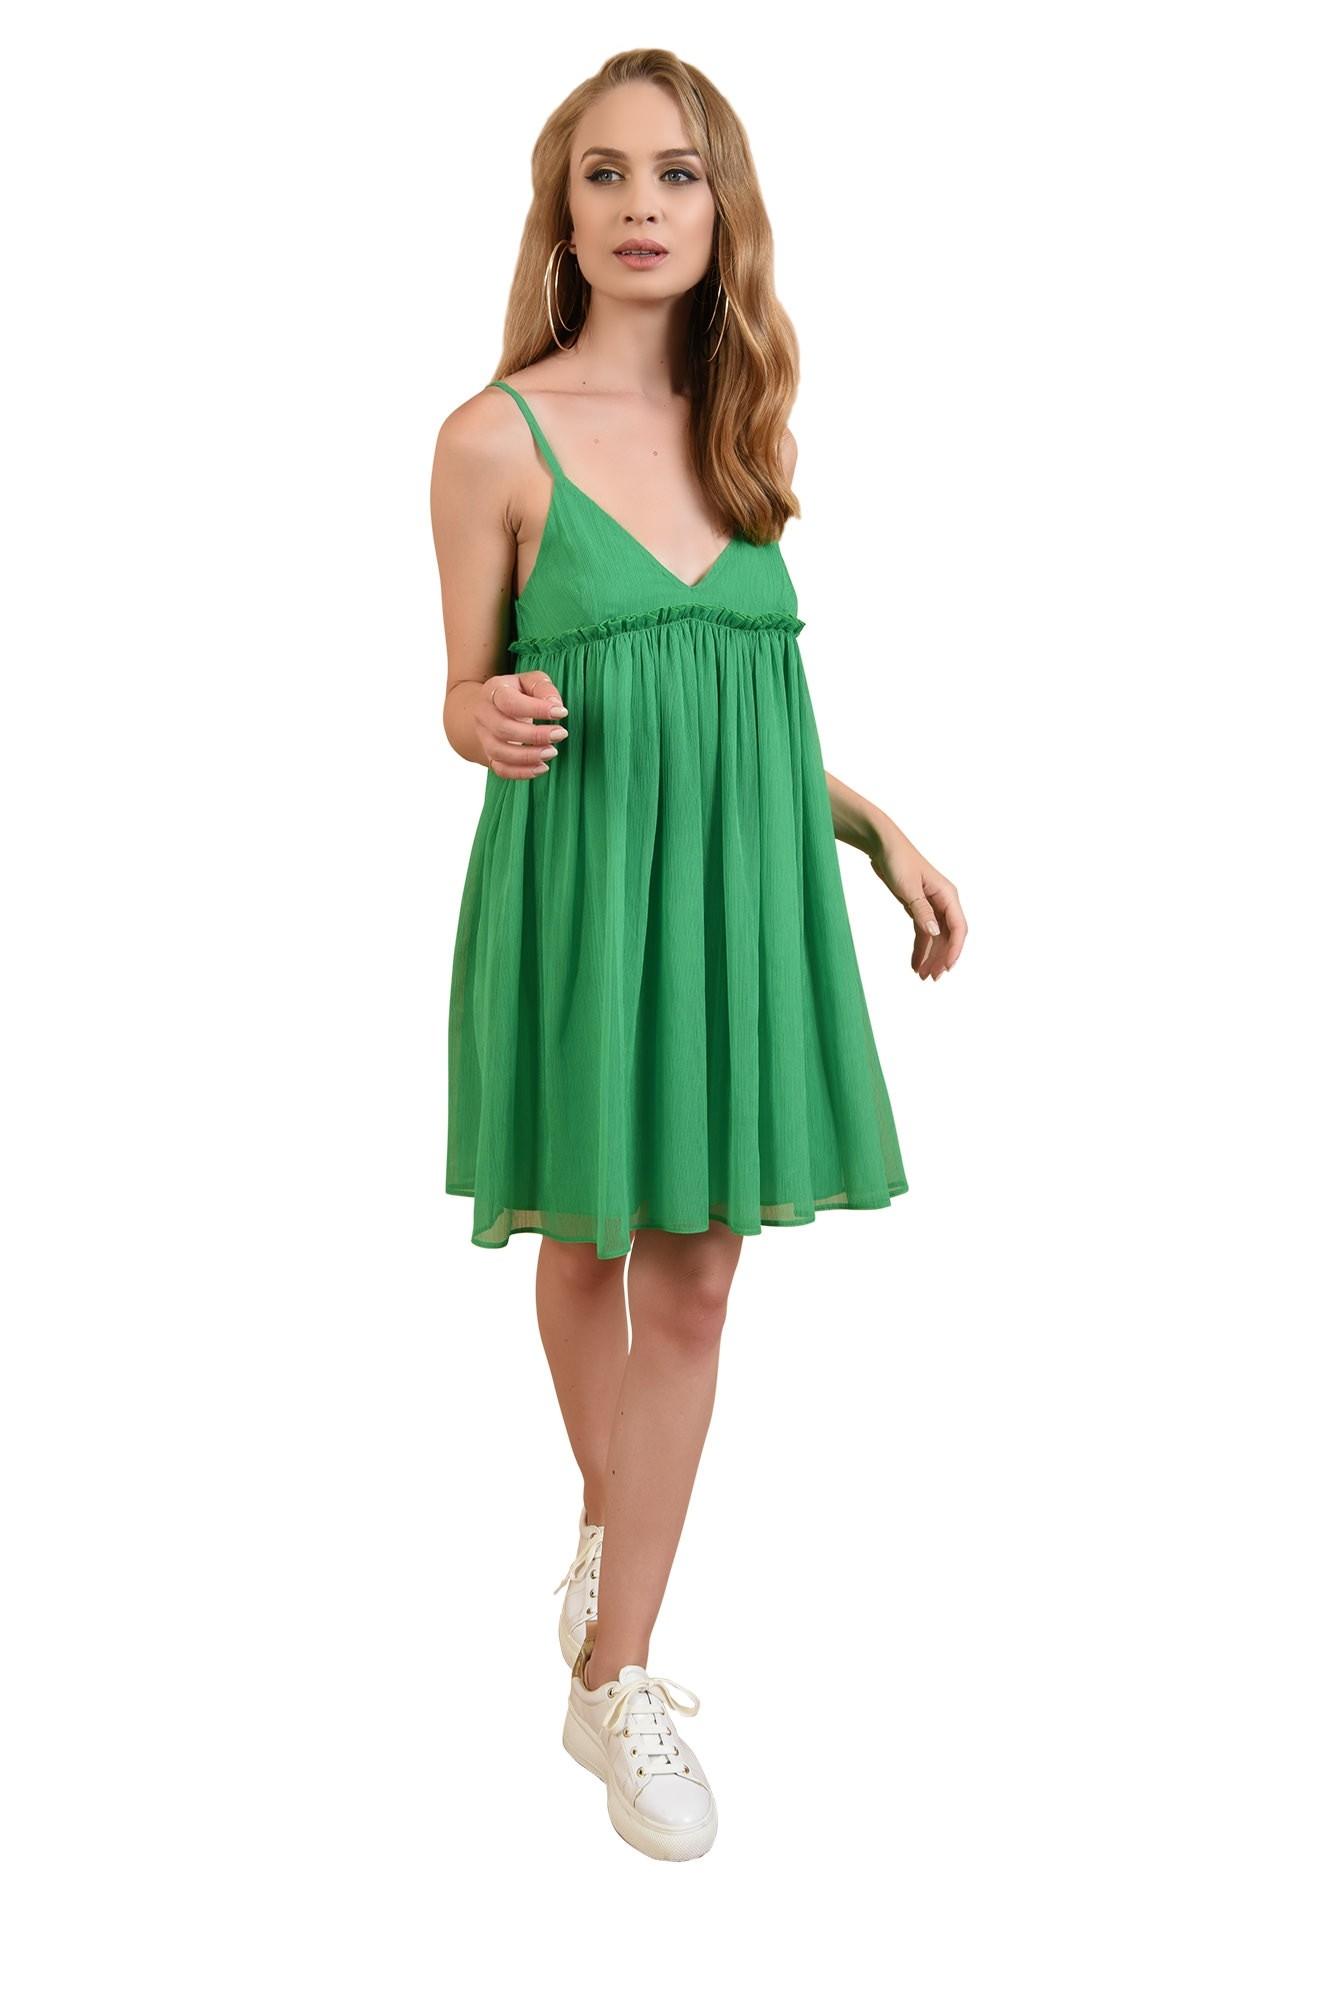 3 - 360 - rochie babydoll, verde, cu volan, Poema